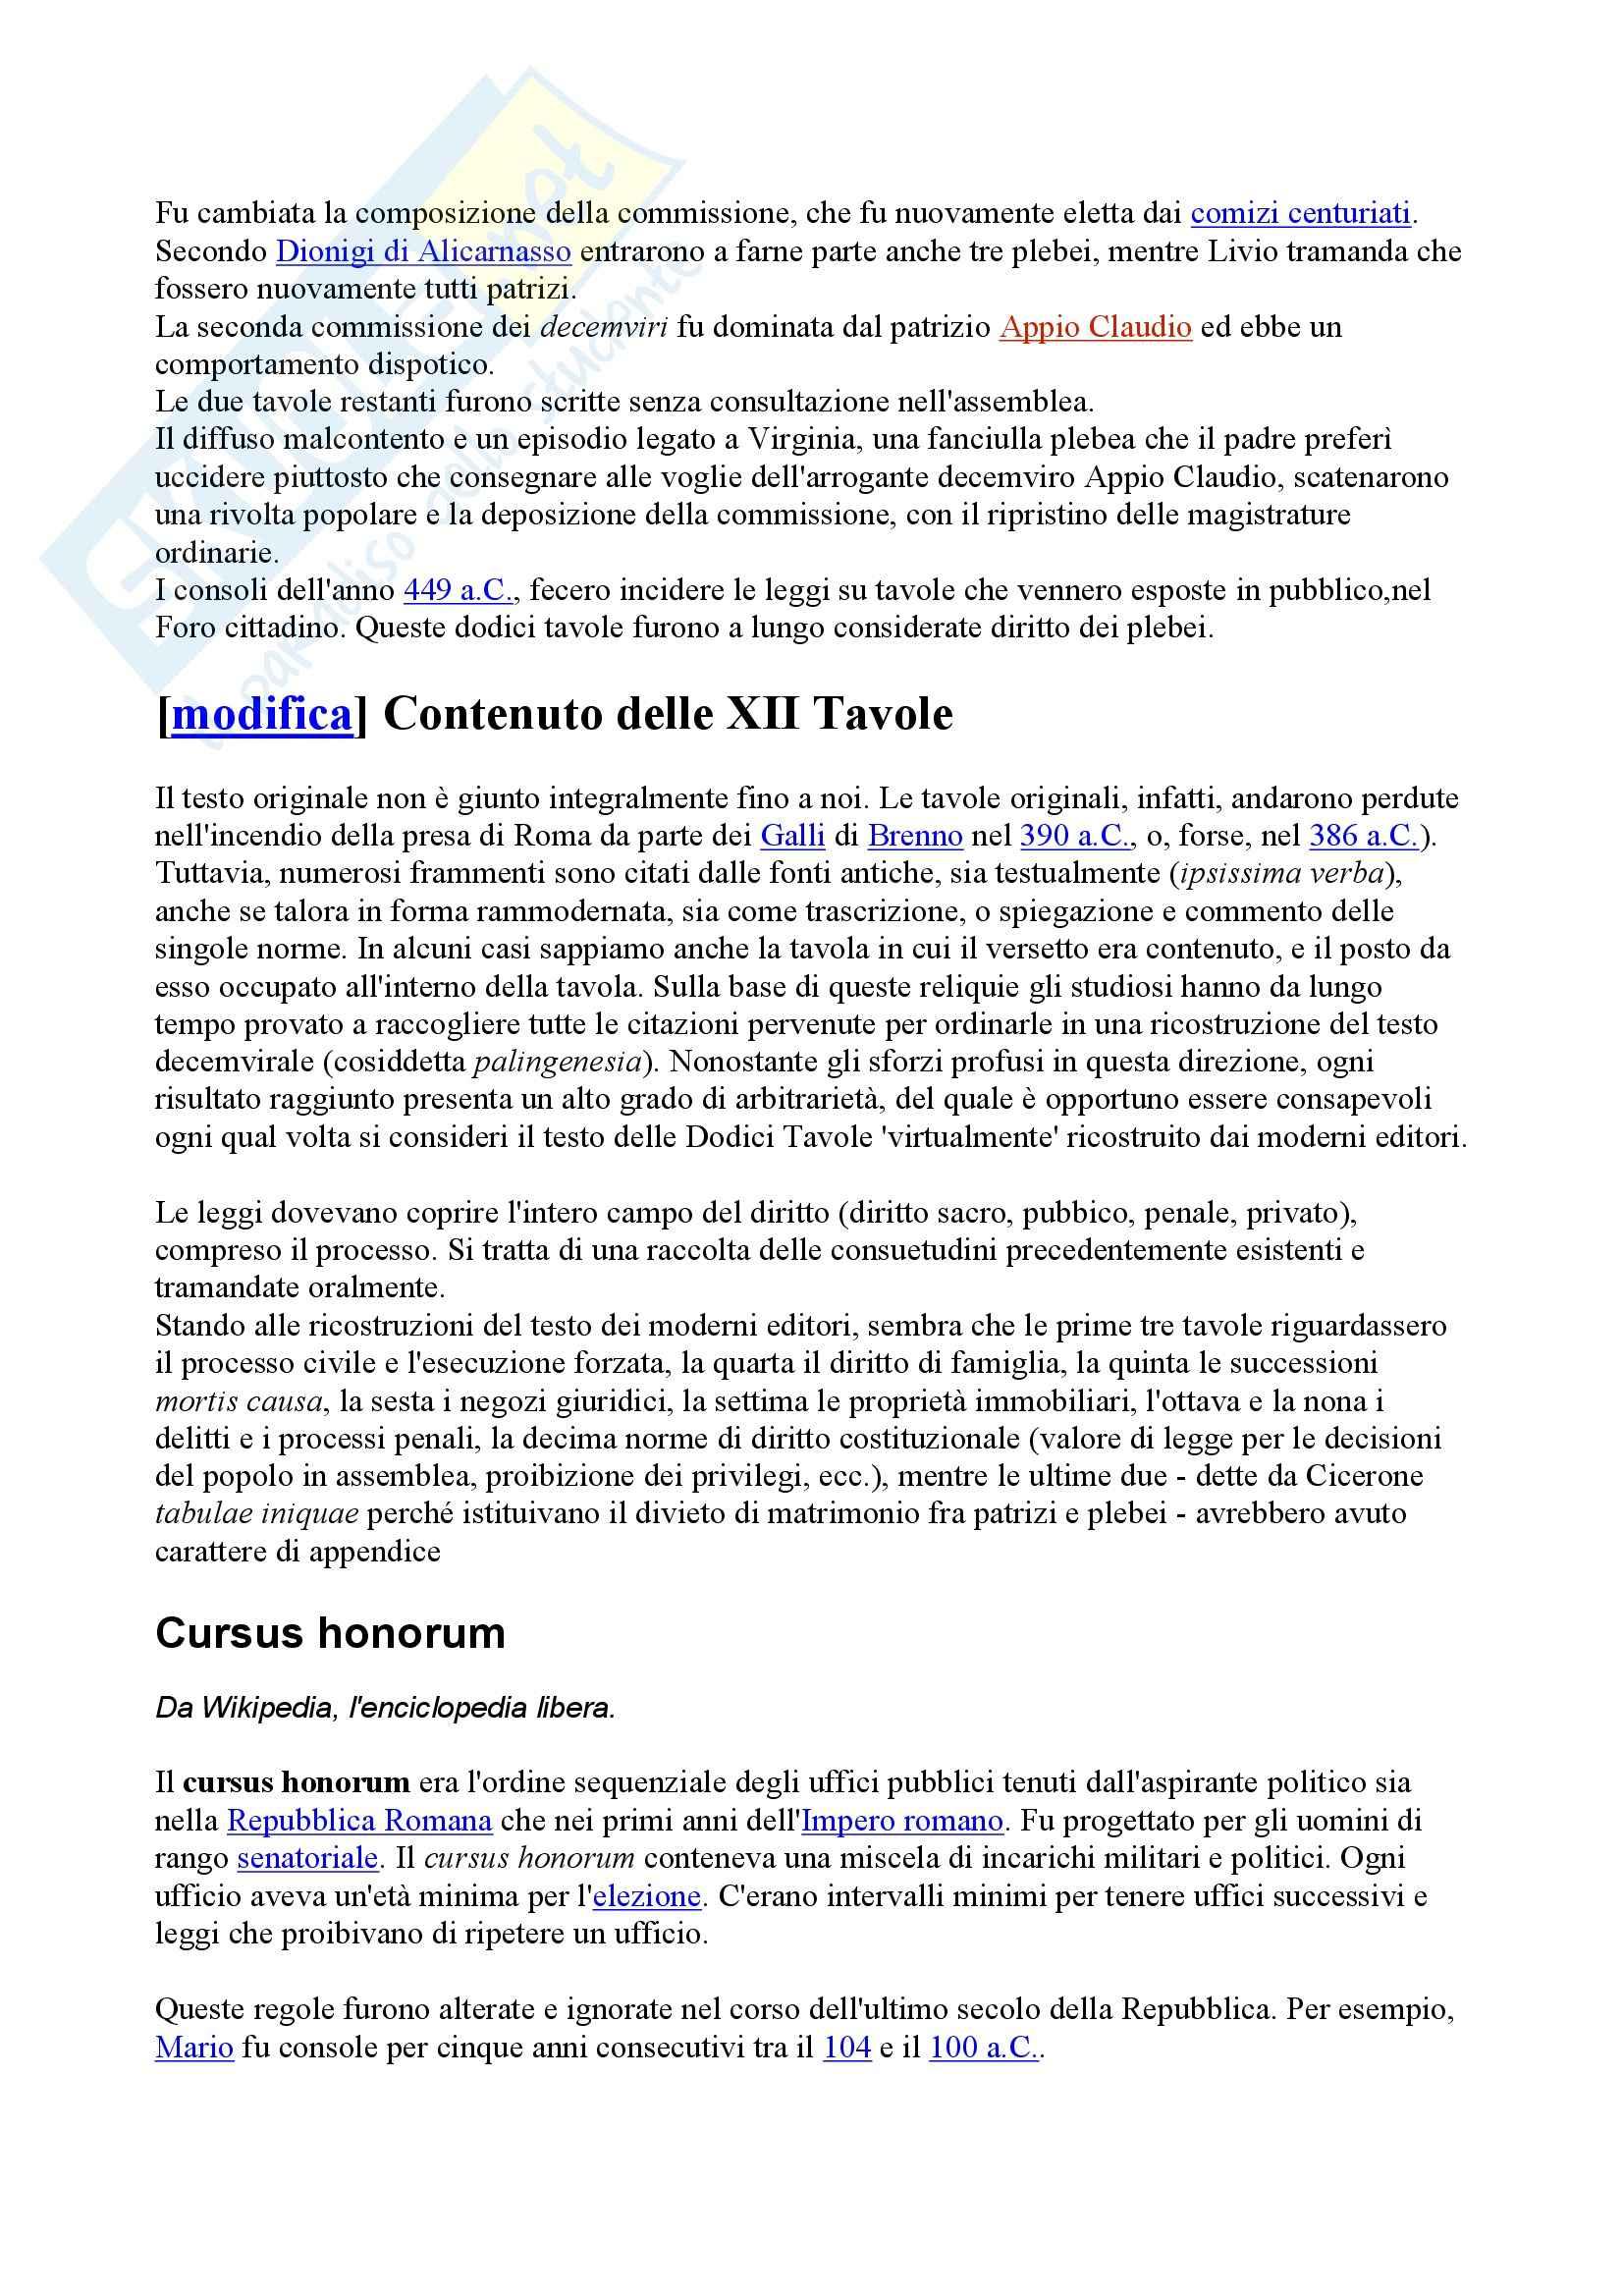 Storia del diritto romano - Leggi delle XII tavole Pag. 2